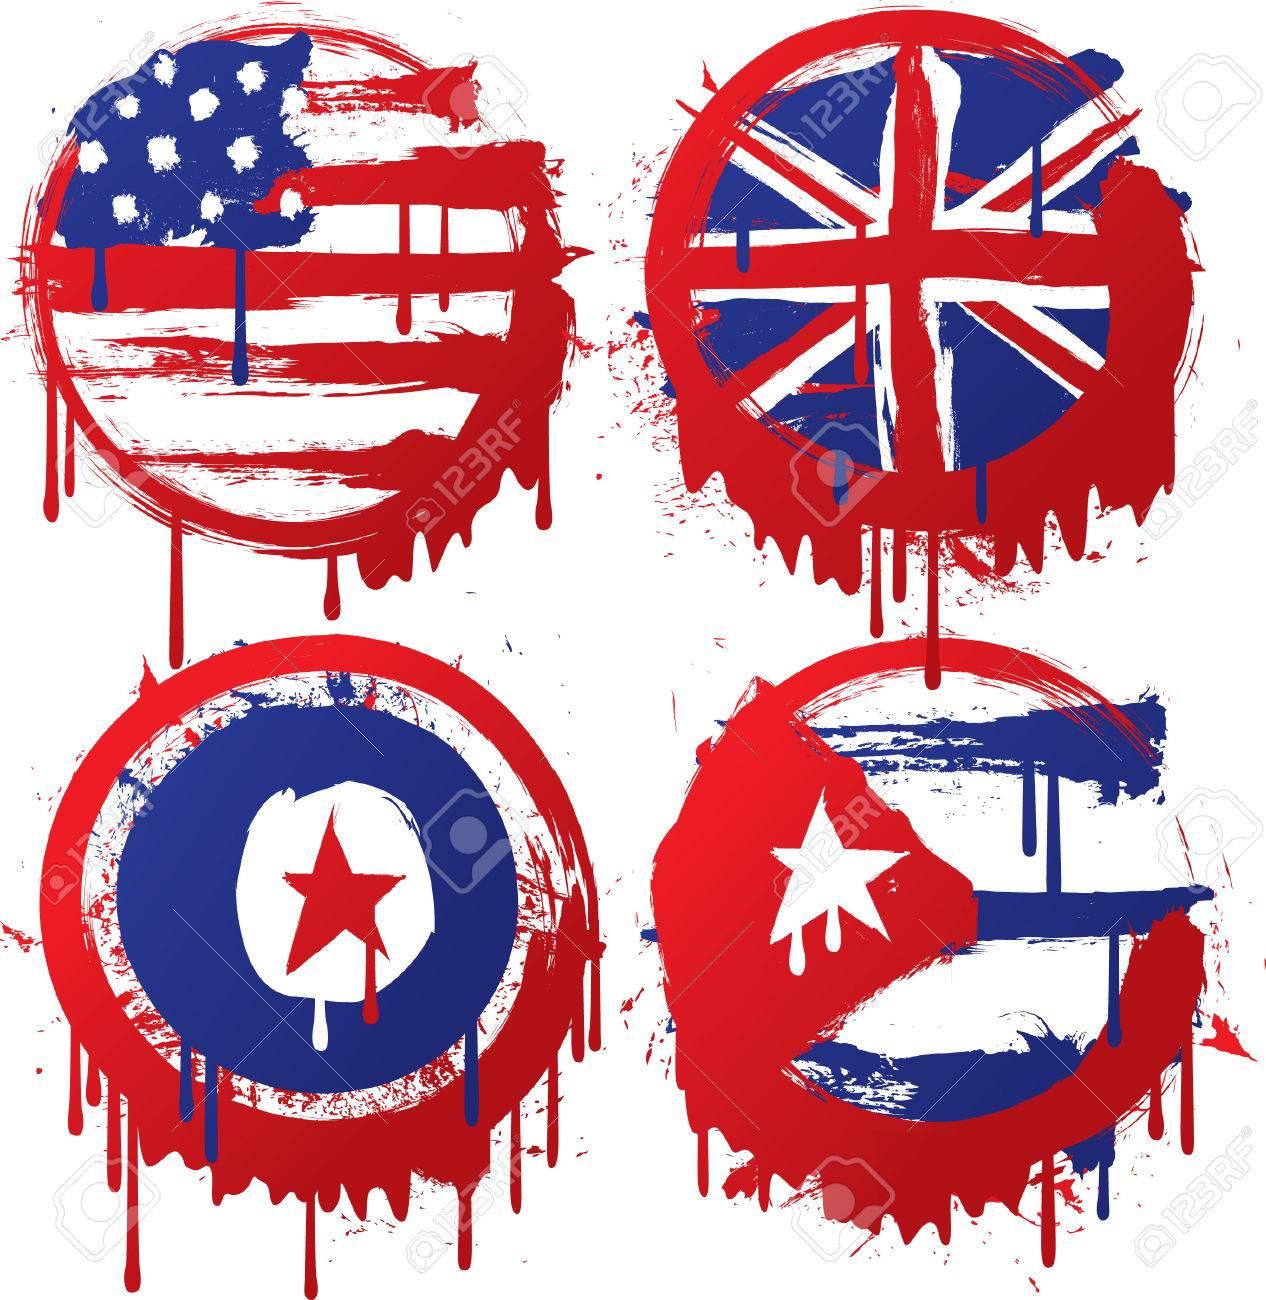 grunge flag made from splatter Stock Vector - 8876121